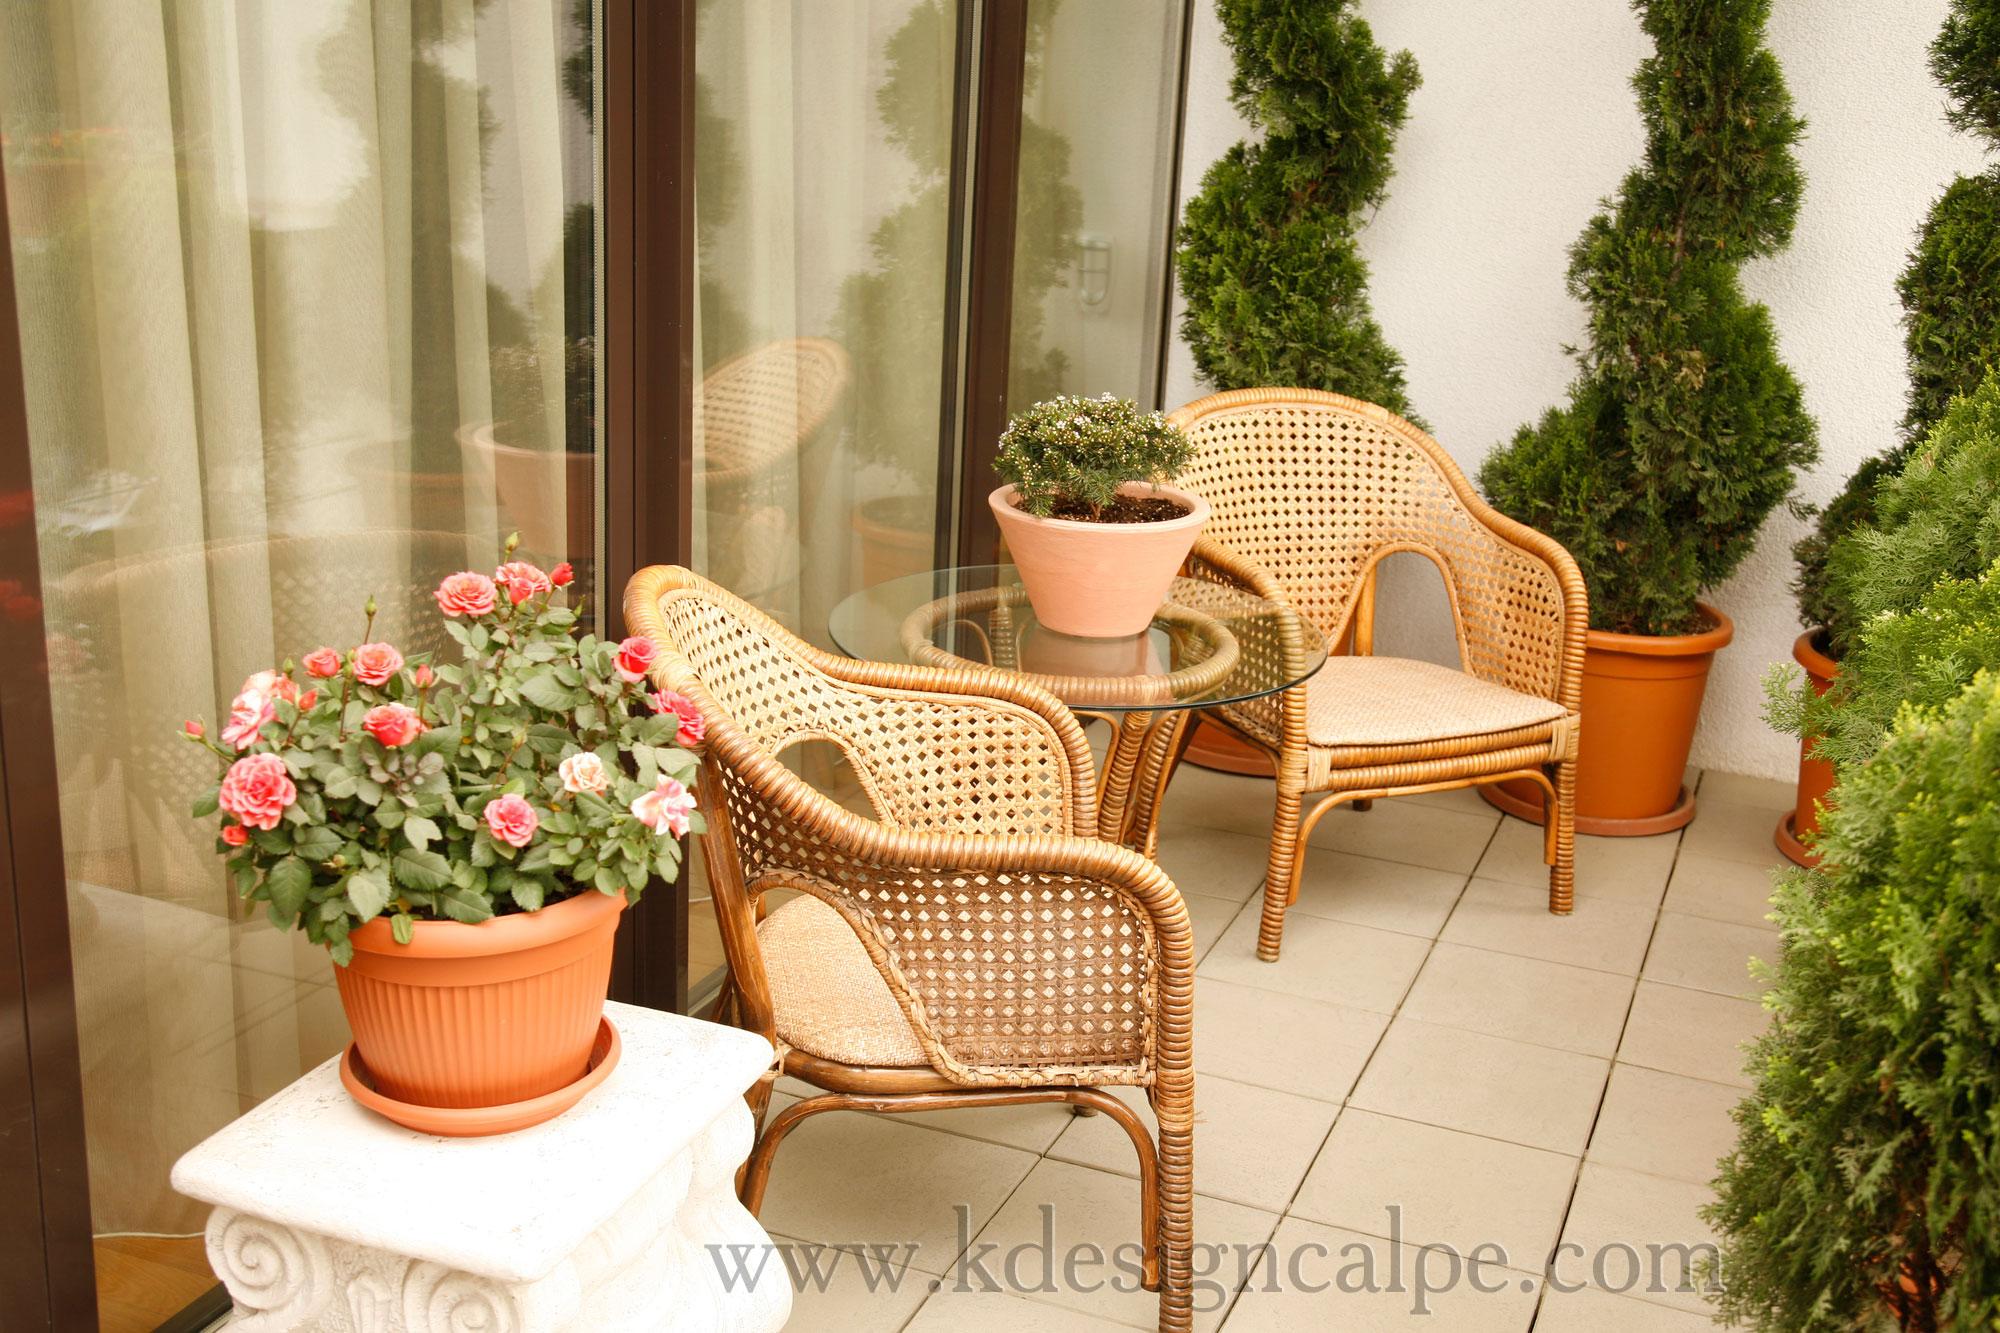 Как превратить балкон или лоджию в уютное место отдыха, рабо.